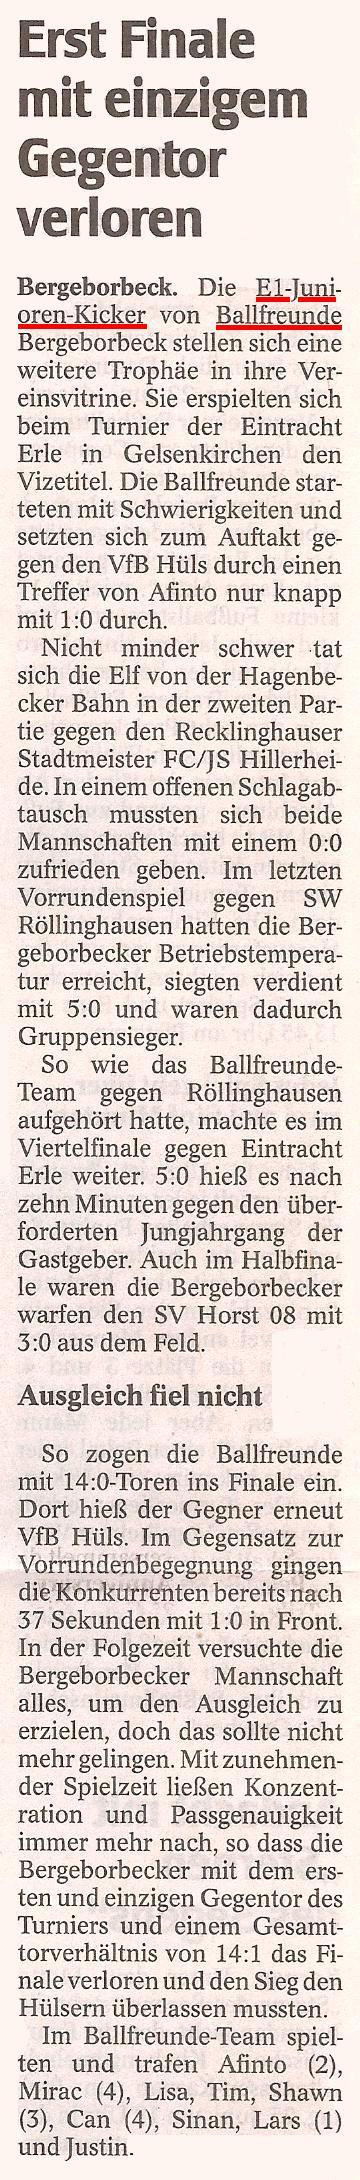 WAZ-Bericht vom 21.06.2010 über das Turnier der E1-Jugend vom 12.06.2010